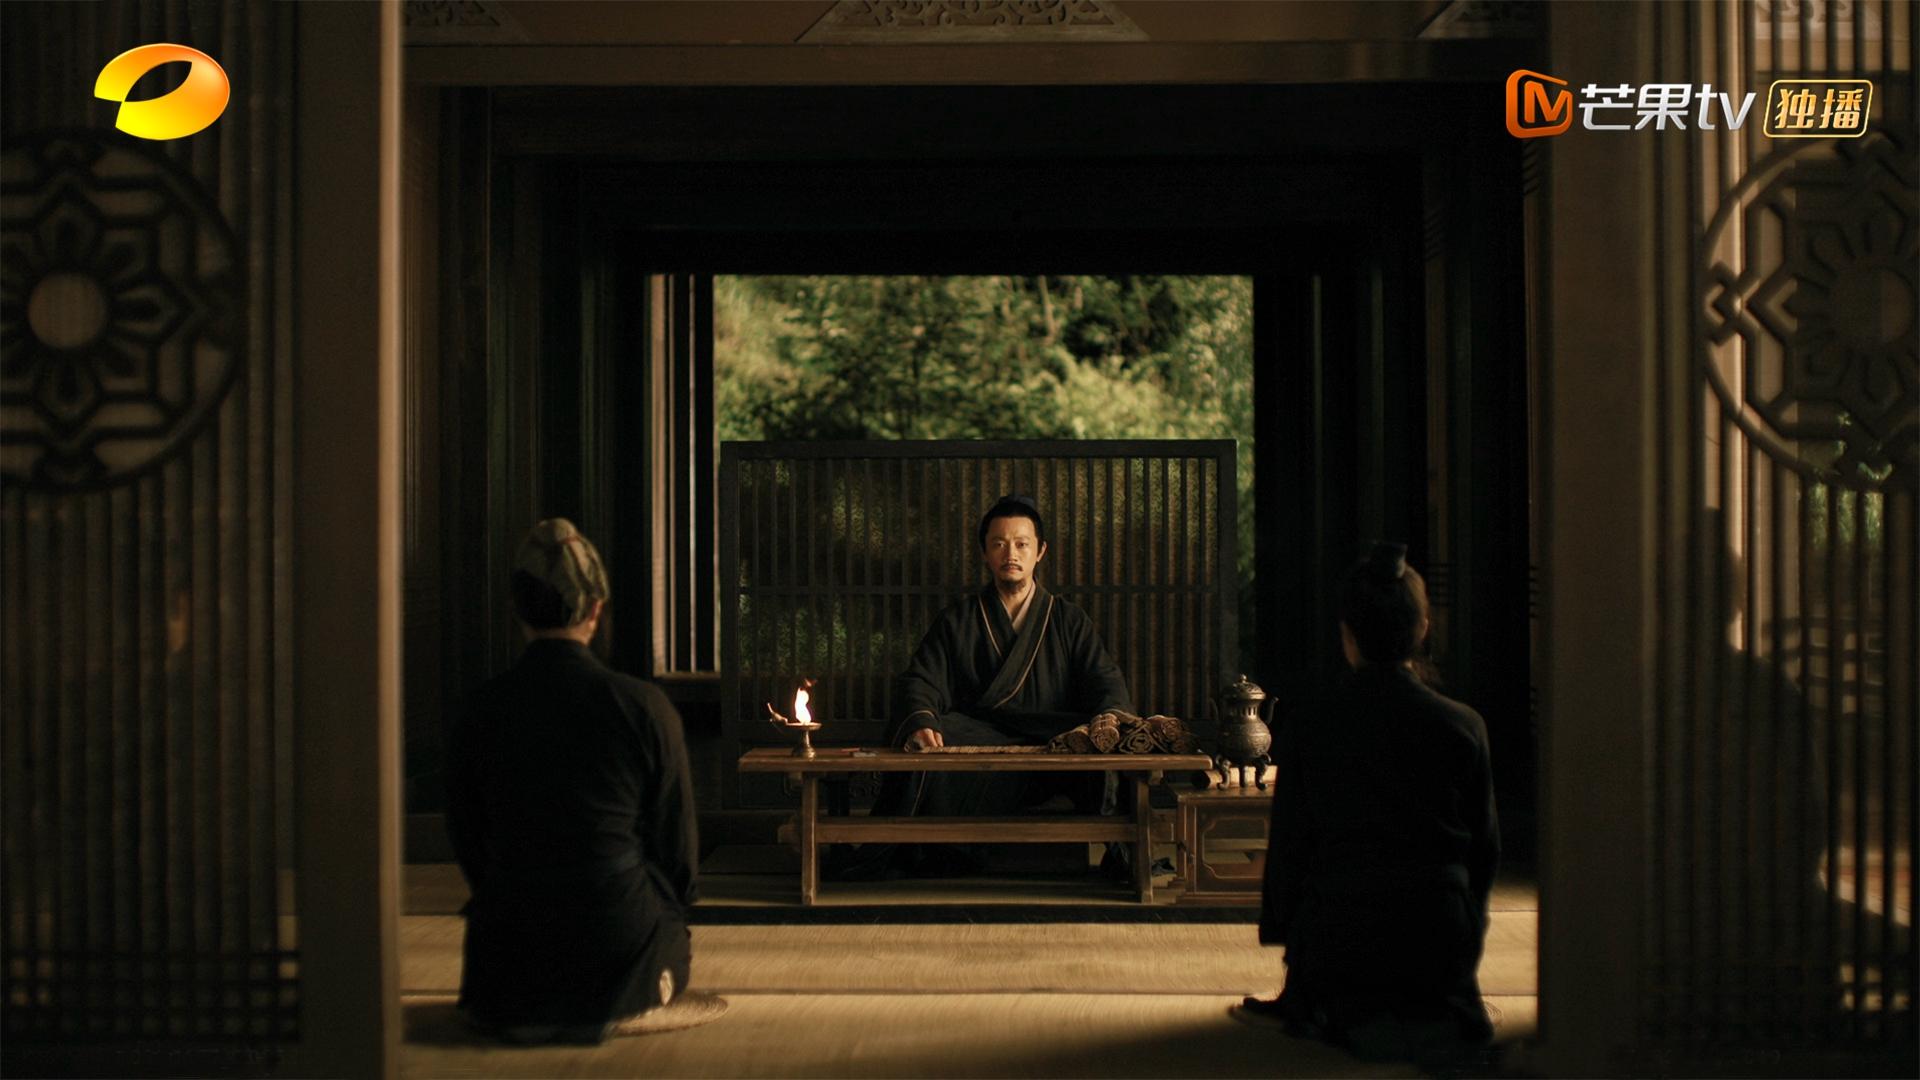 纪录片《中国》第二集《众声》:探寻百家争鸣